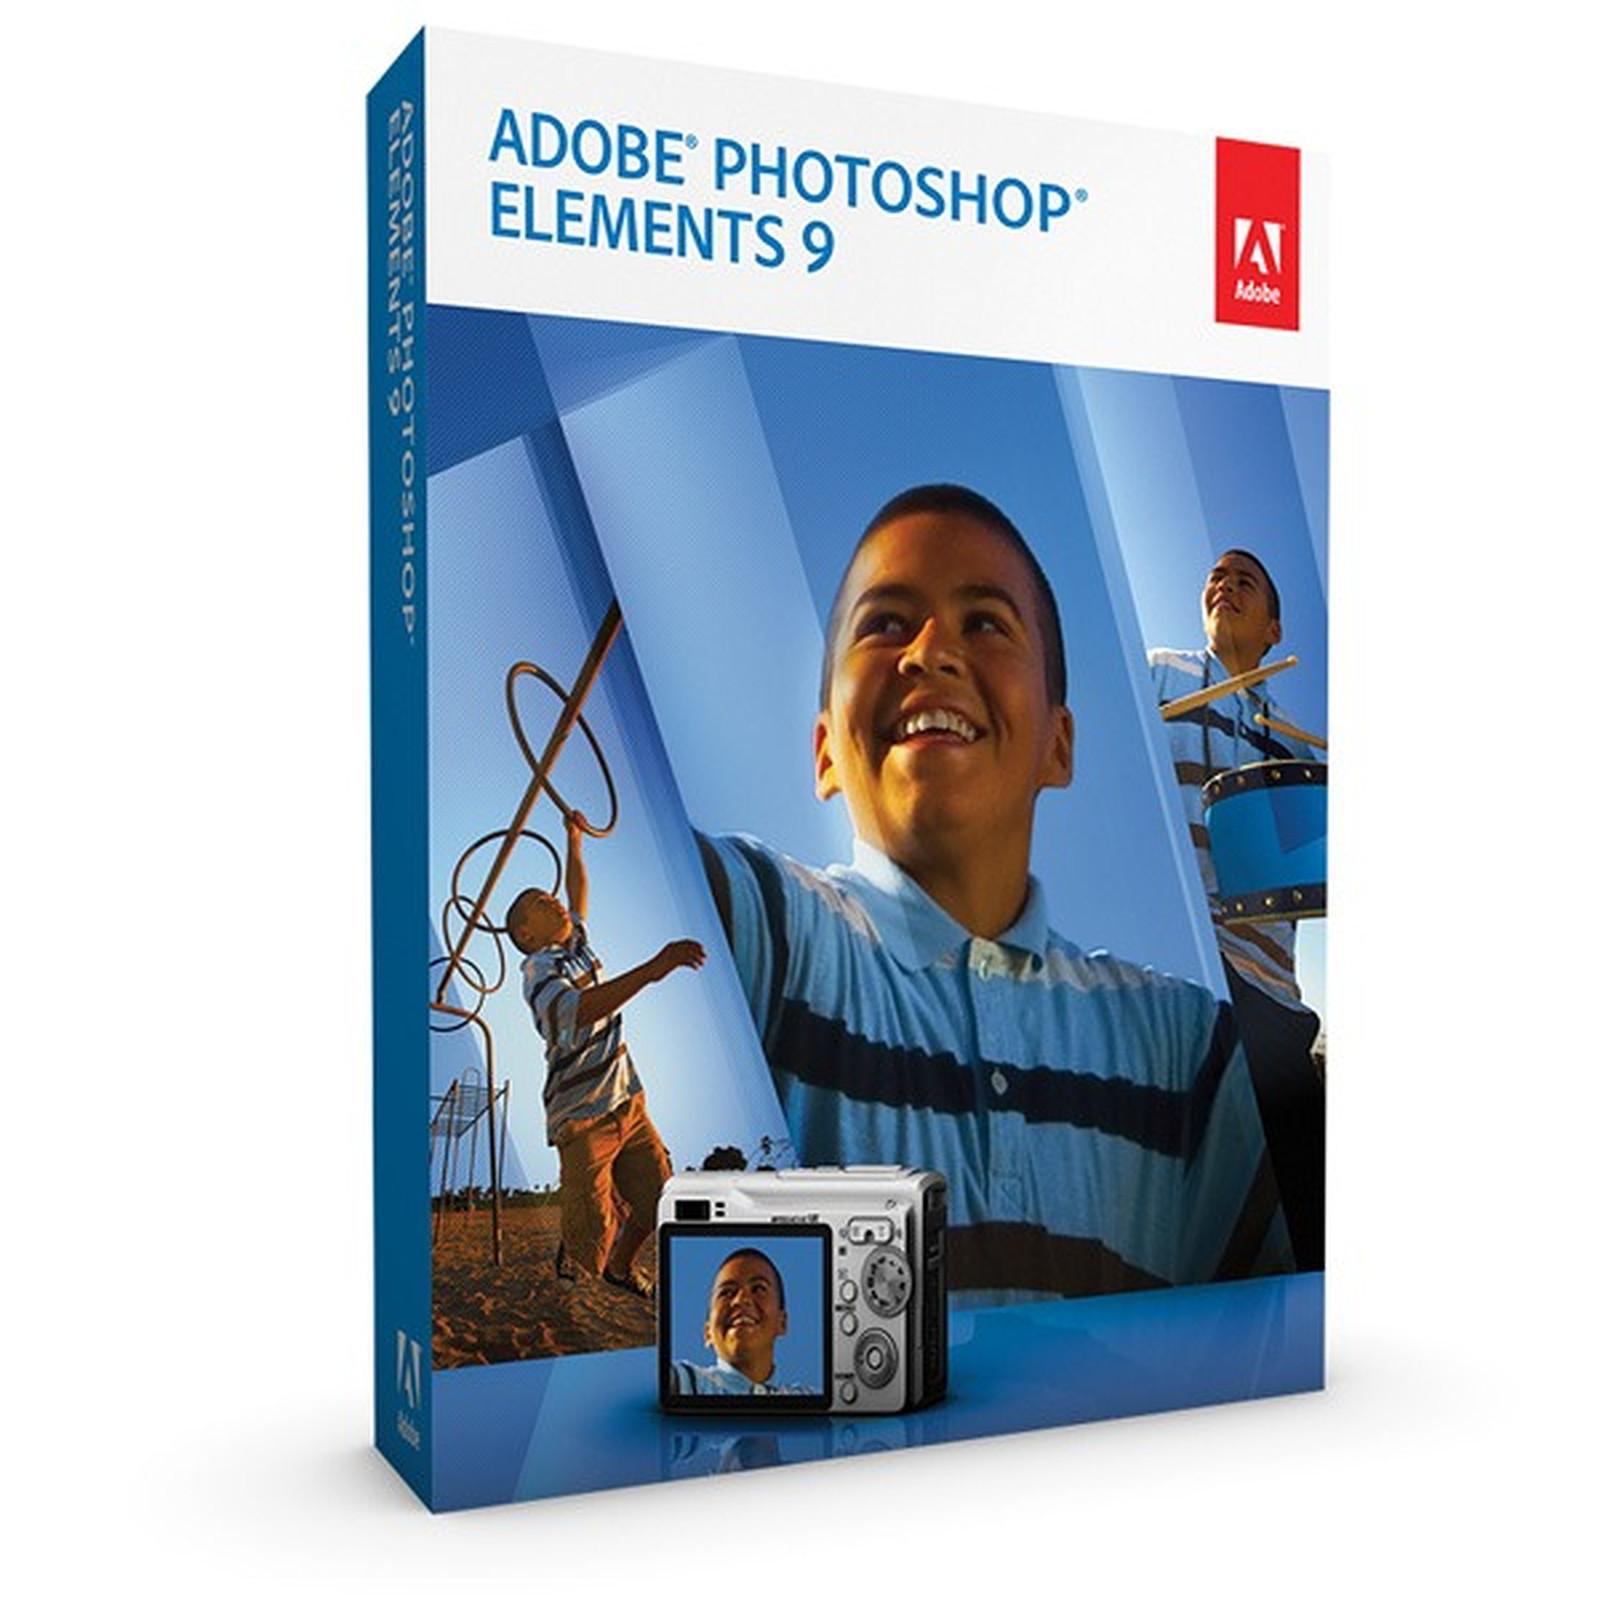 Adobe Photoshop Elements 9 Mise à jour